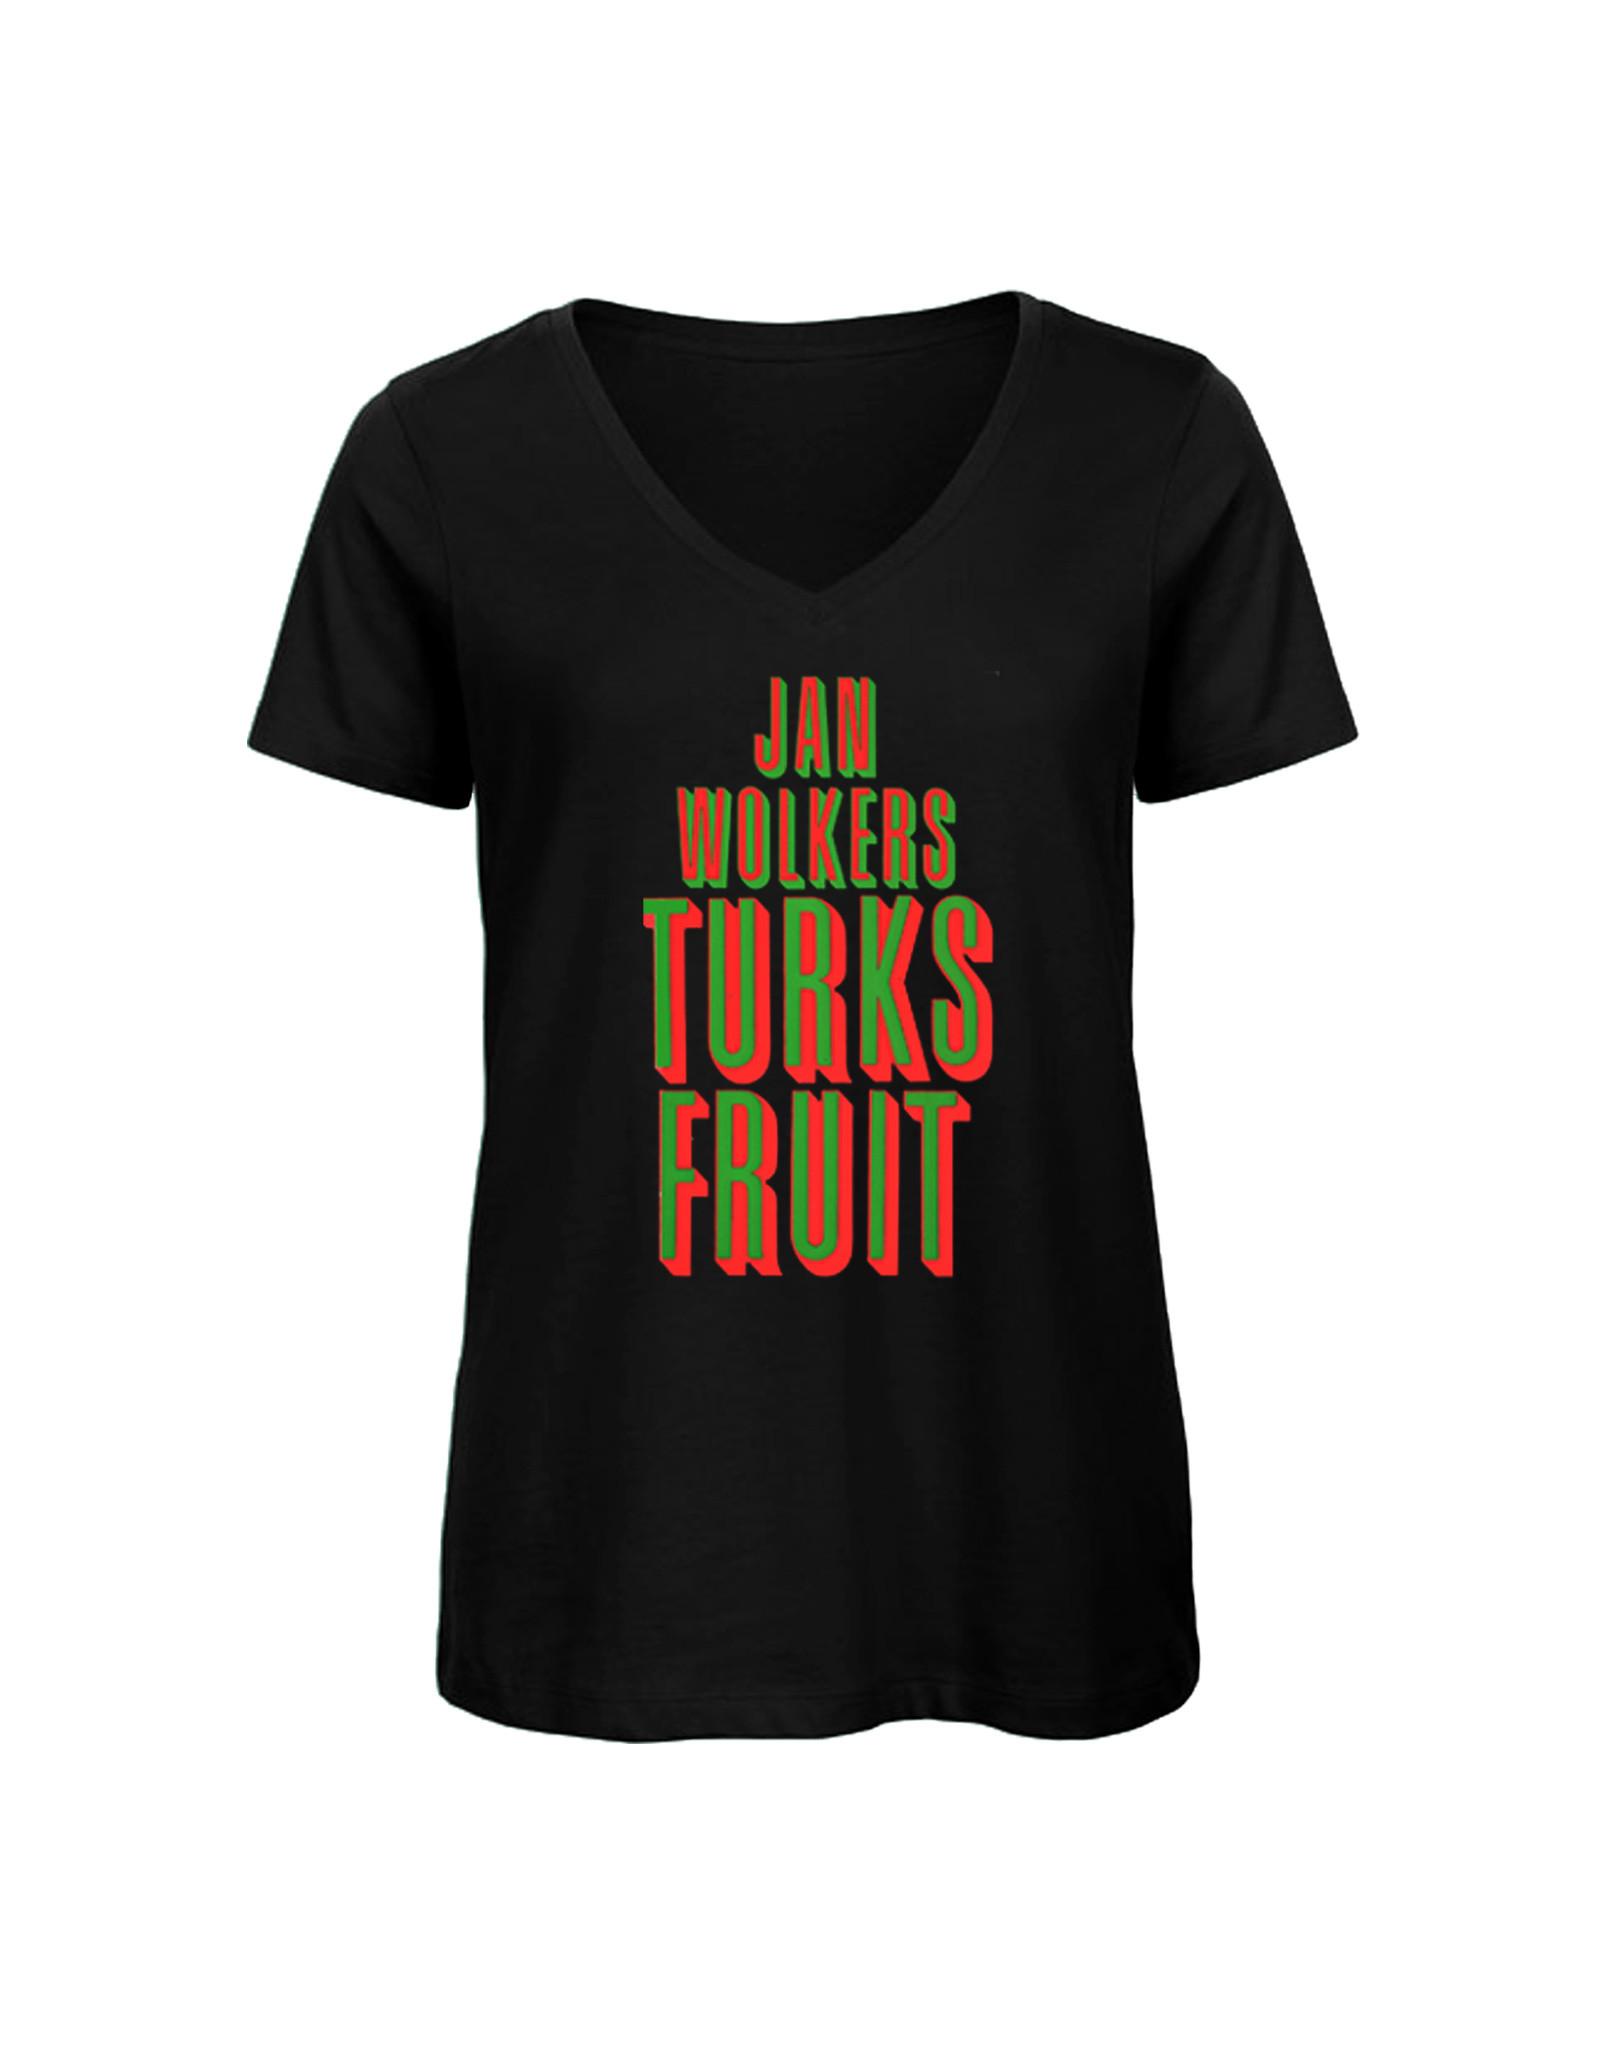 Jan Wolkers Turks Fruit ♀